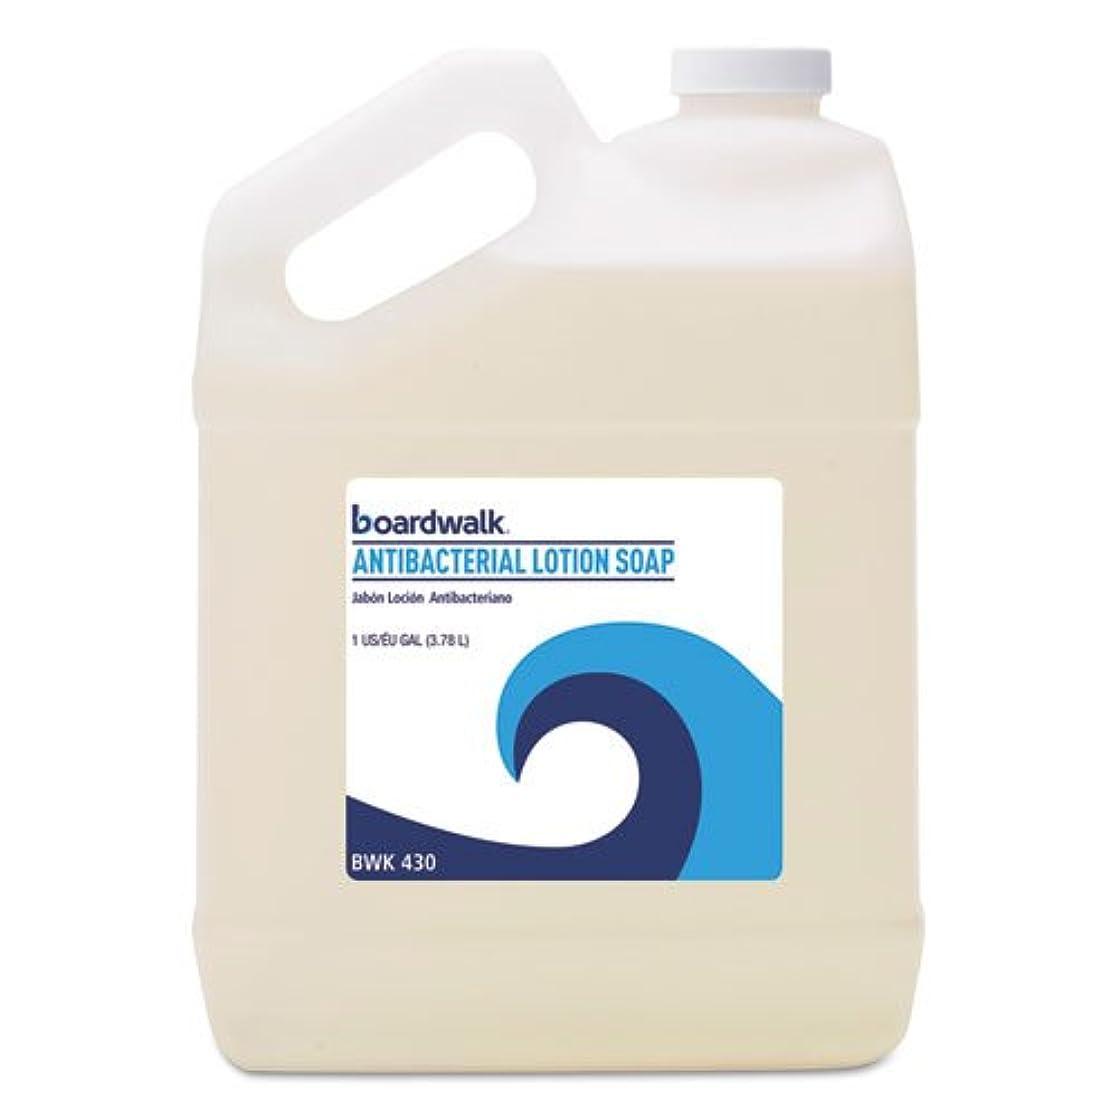 スパーク快適過敏なBoardwalk 抗菌液体石鹸 フローラルバルサム 1ガロンボトル